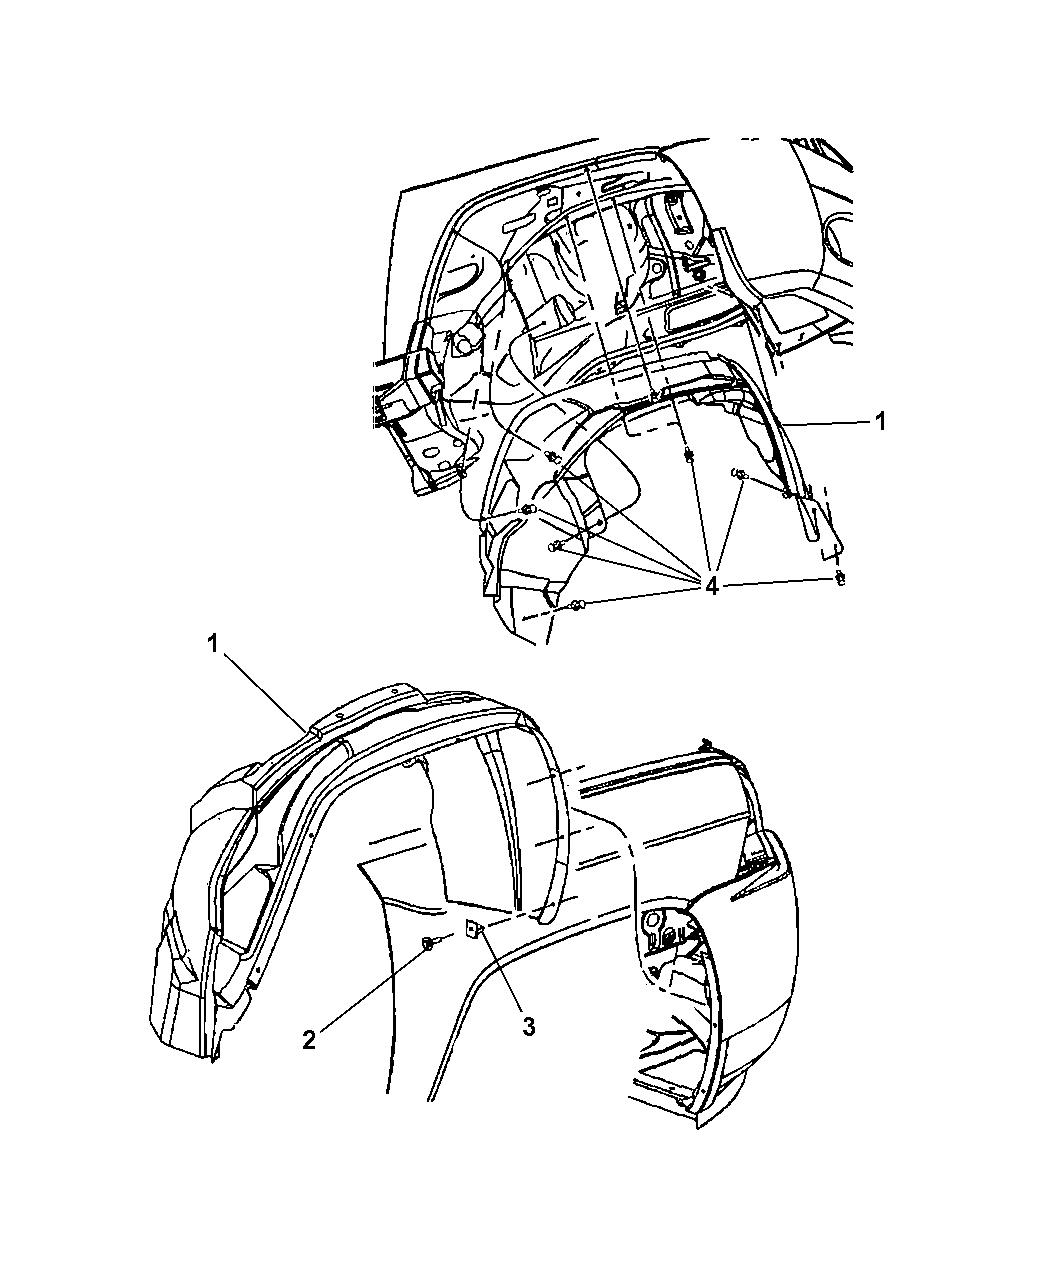 2010 jeep jk engine diagram 5116245af - genuine mopar shield-splash #12